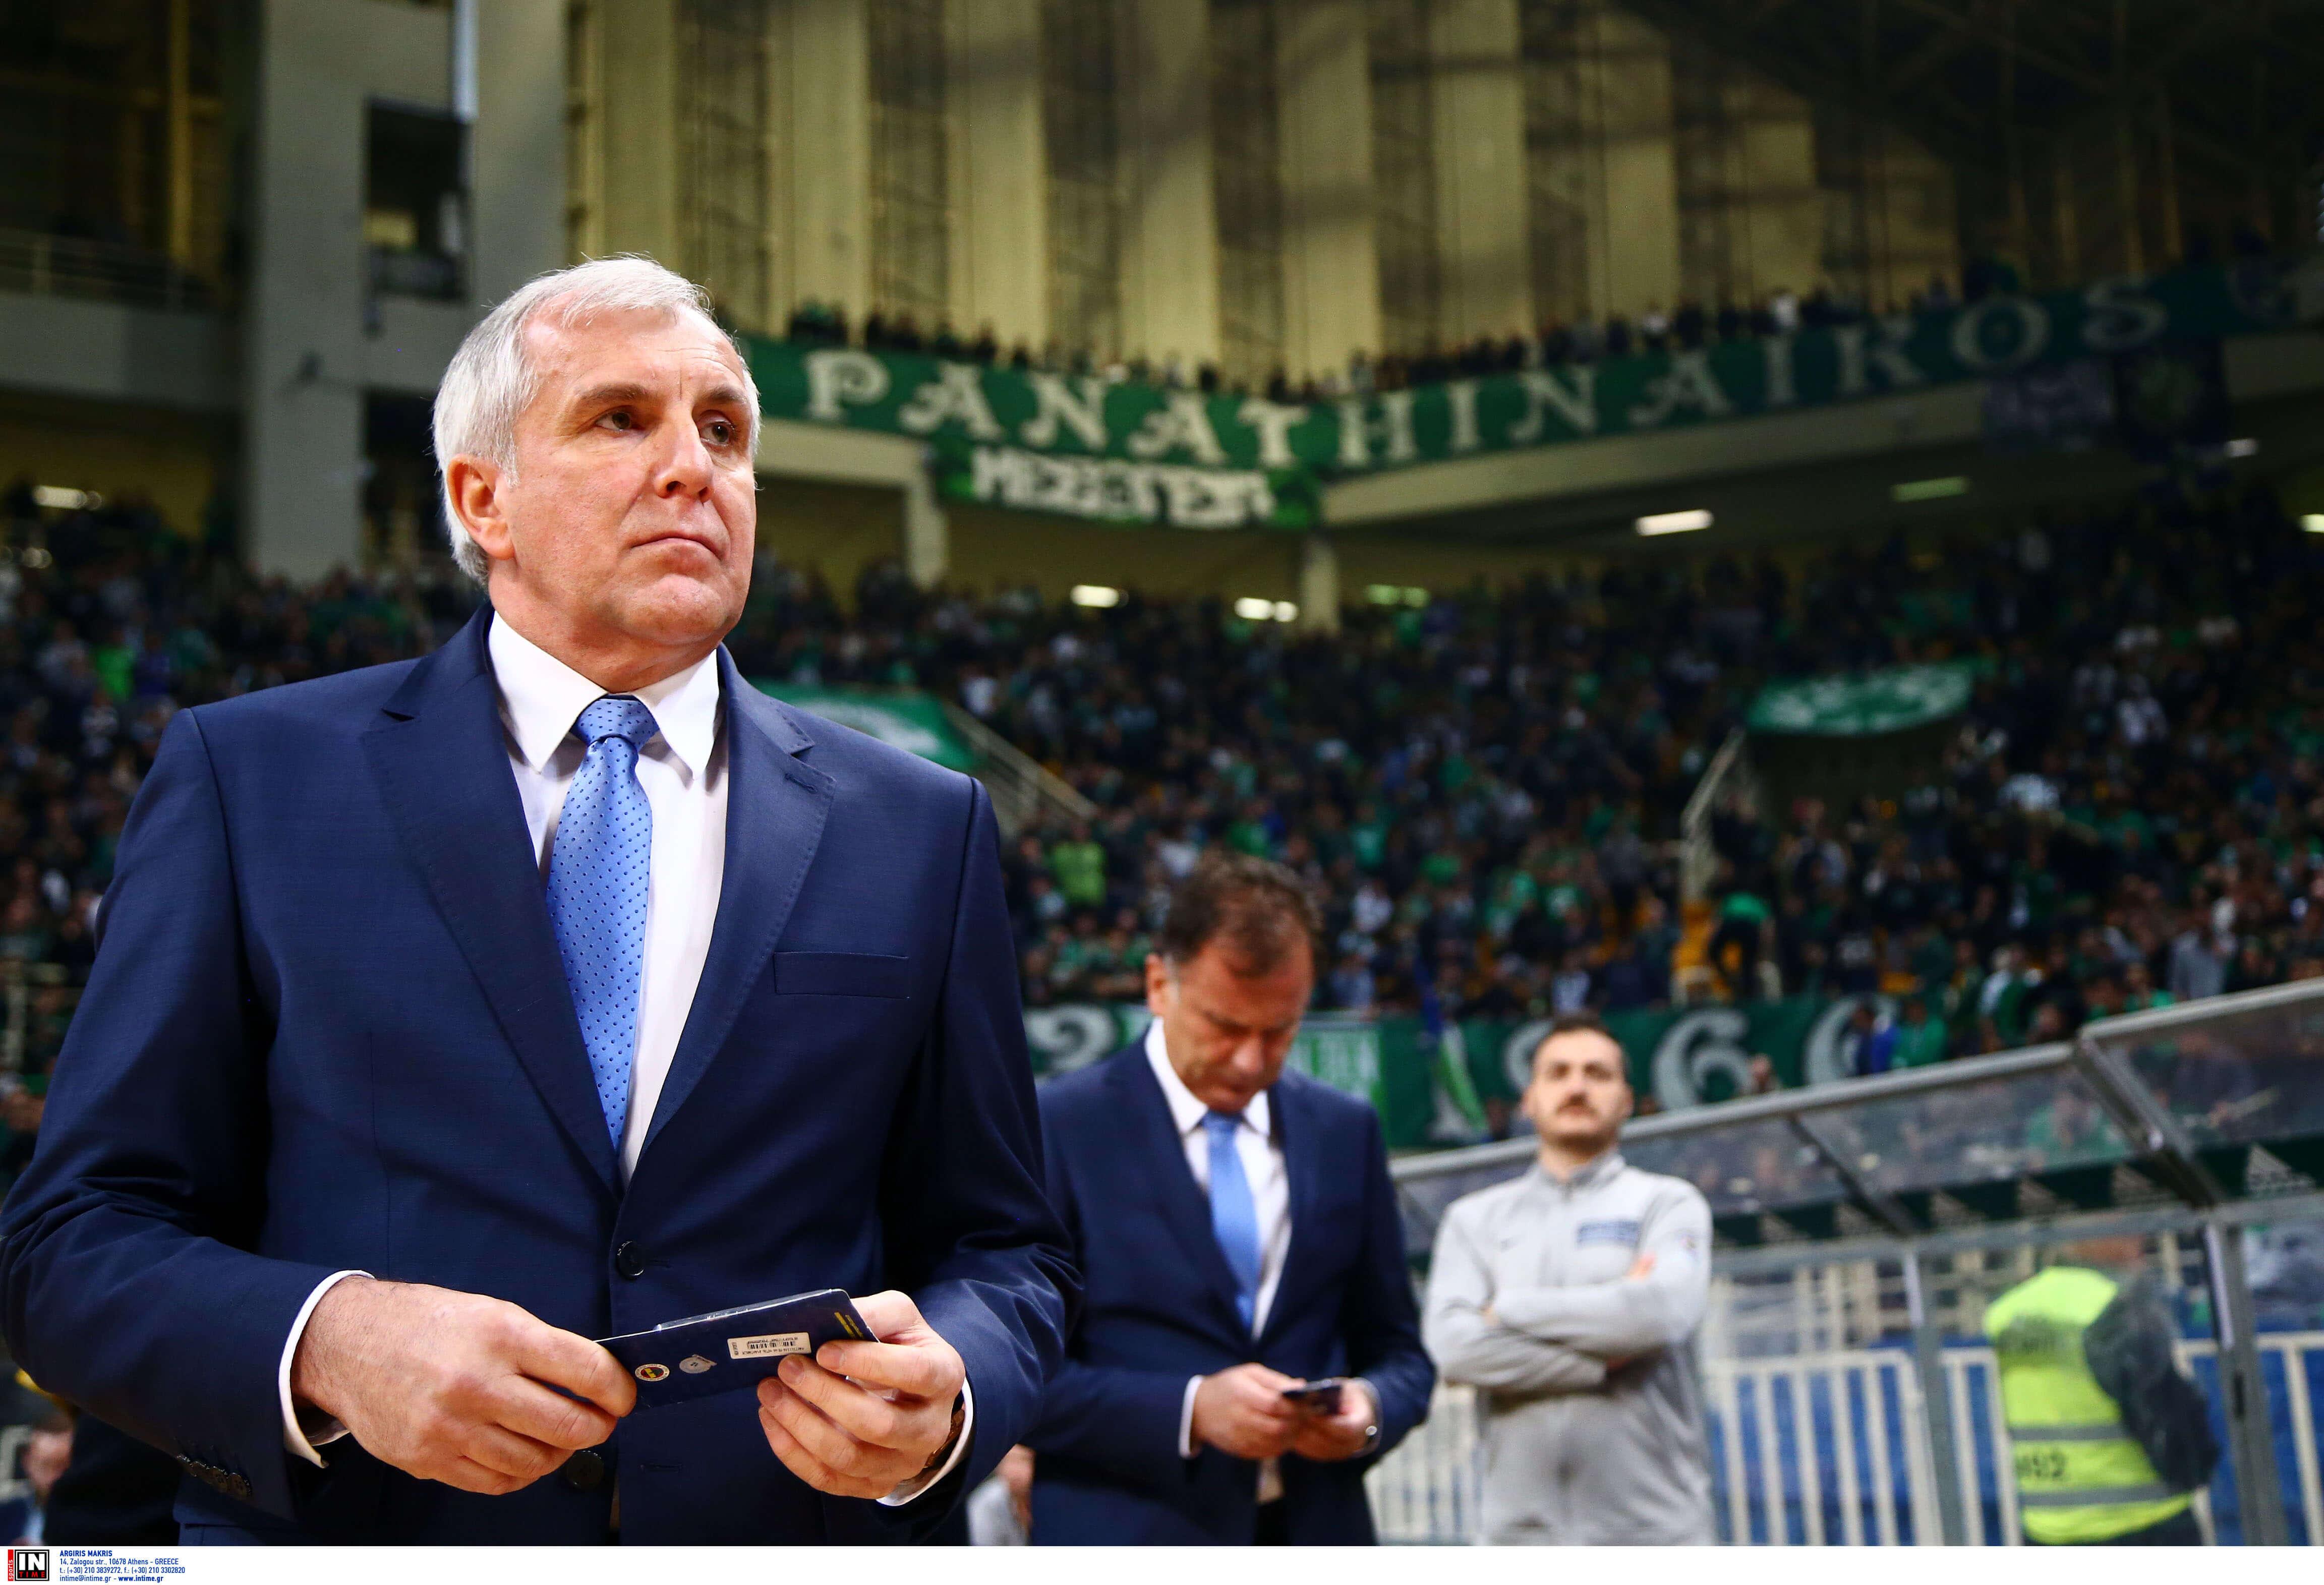 Αλαλούμ με Ομπράντοβιτς: «Δεν υπάρχει συμφωνία» λέει η Παρτιζάν